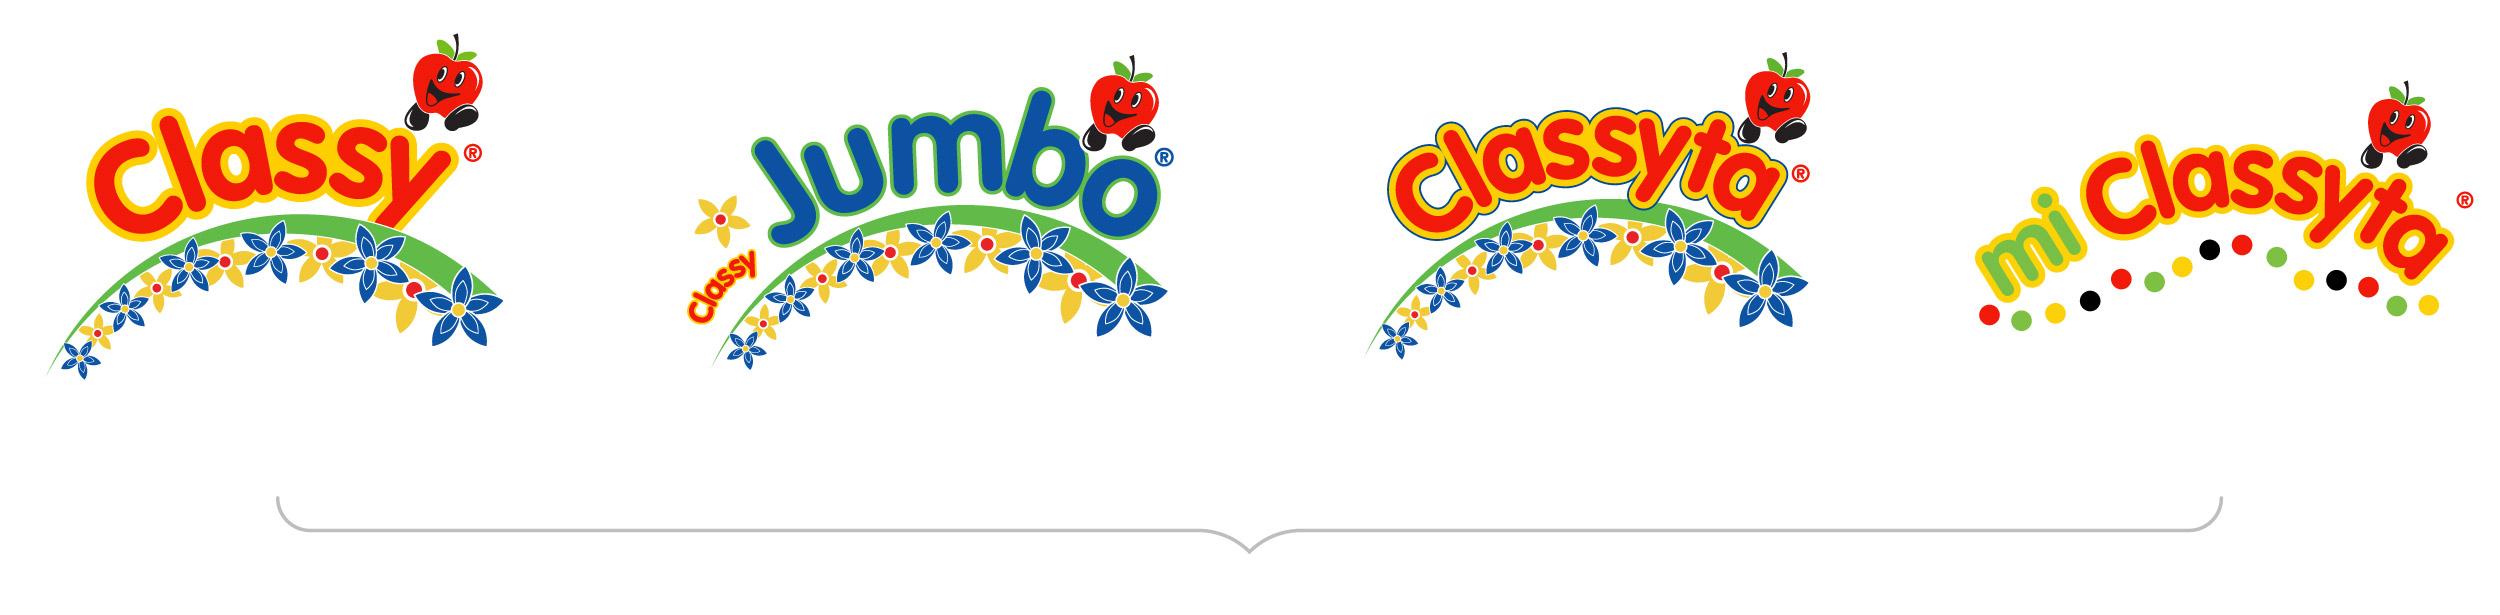 logos-antiguos.jpg